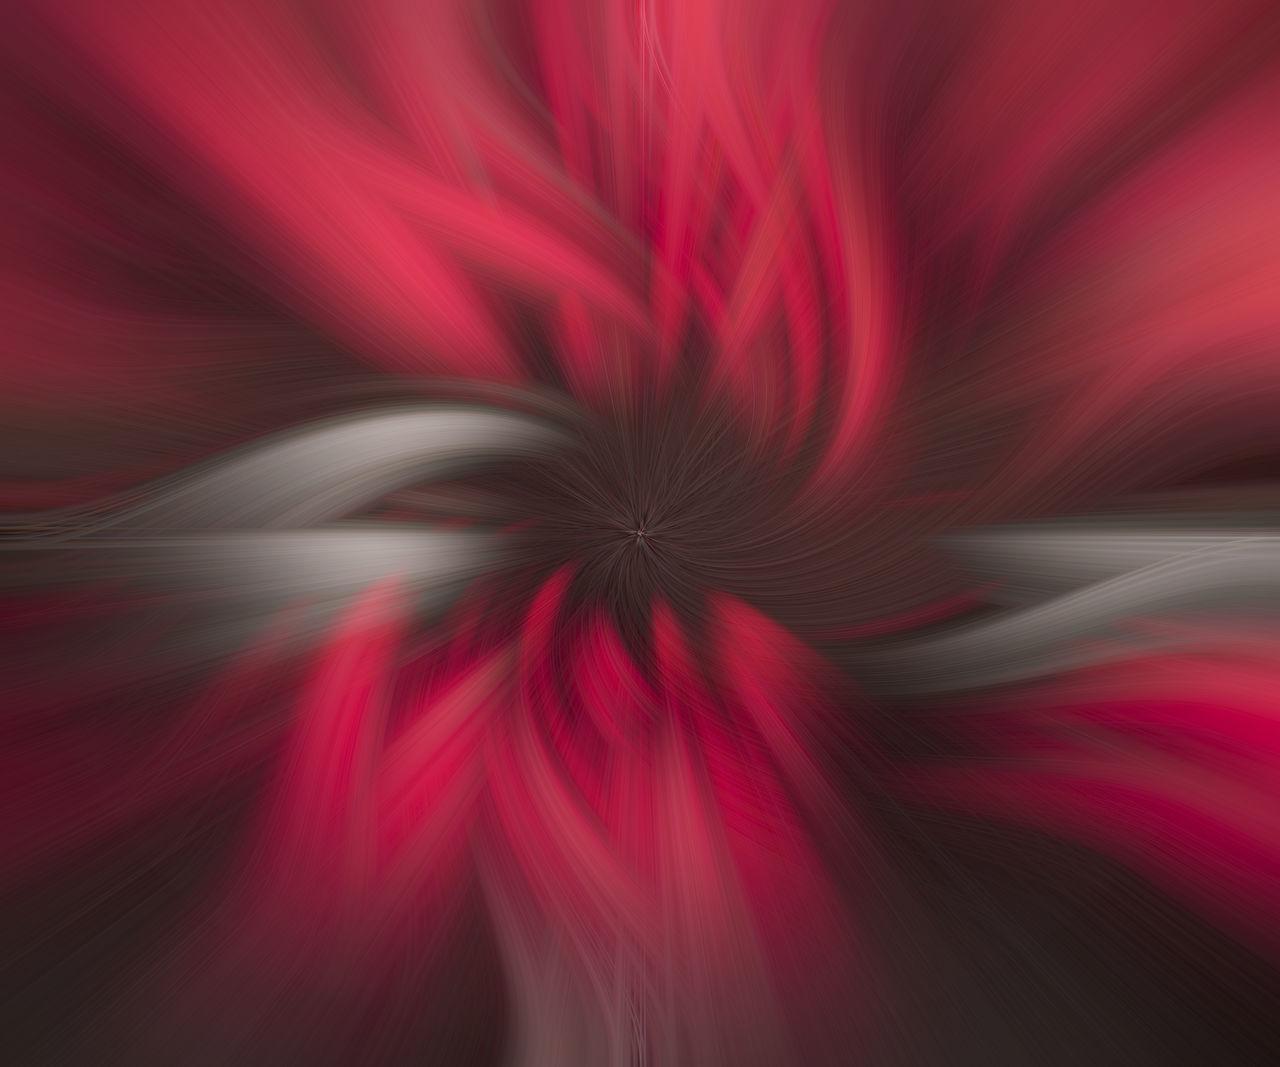 FULL FRAME SHOT OF PINK FLOWER HEAD